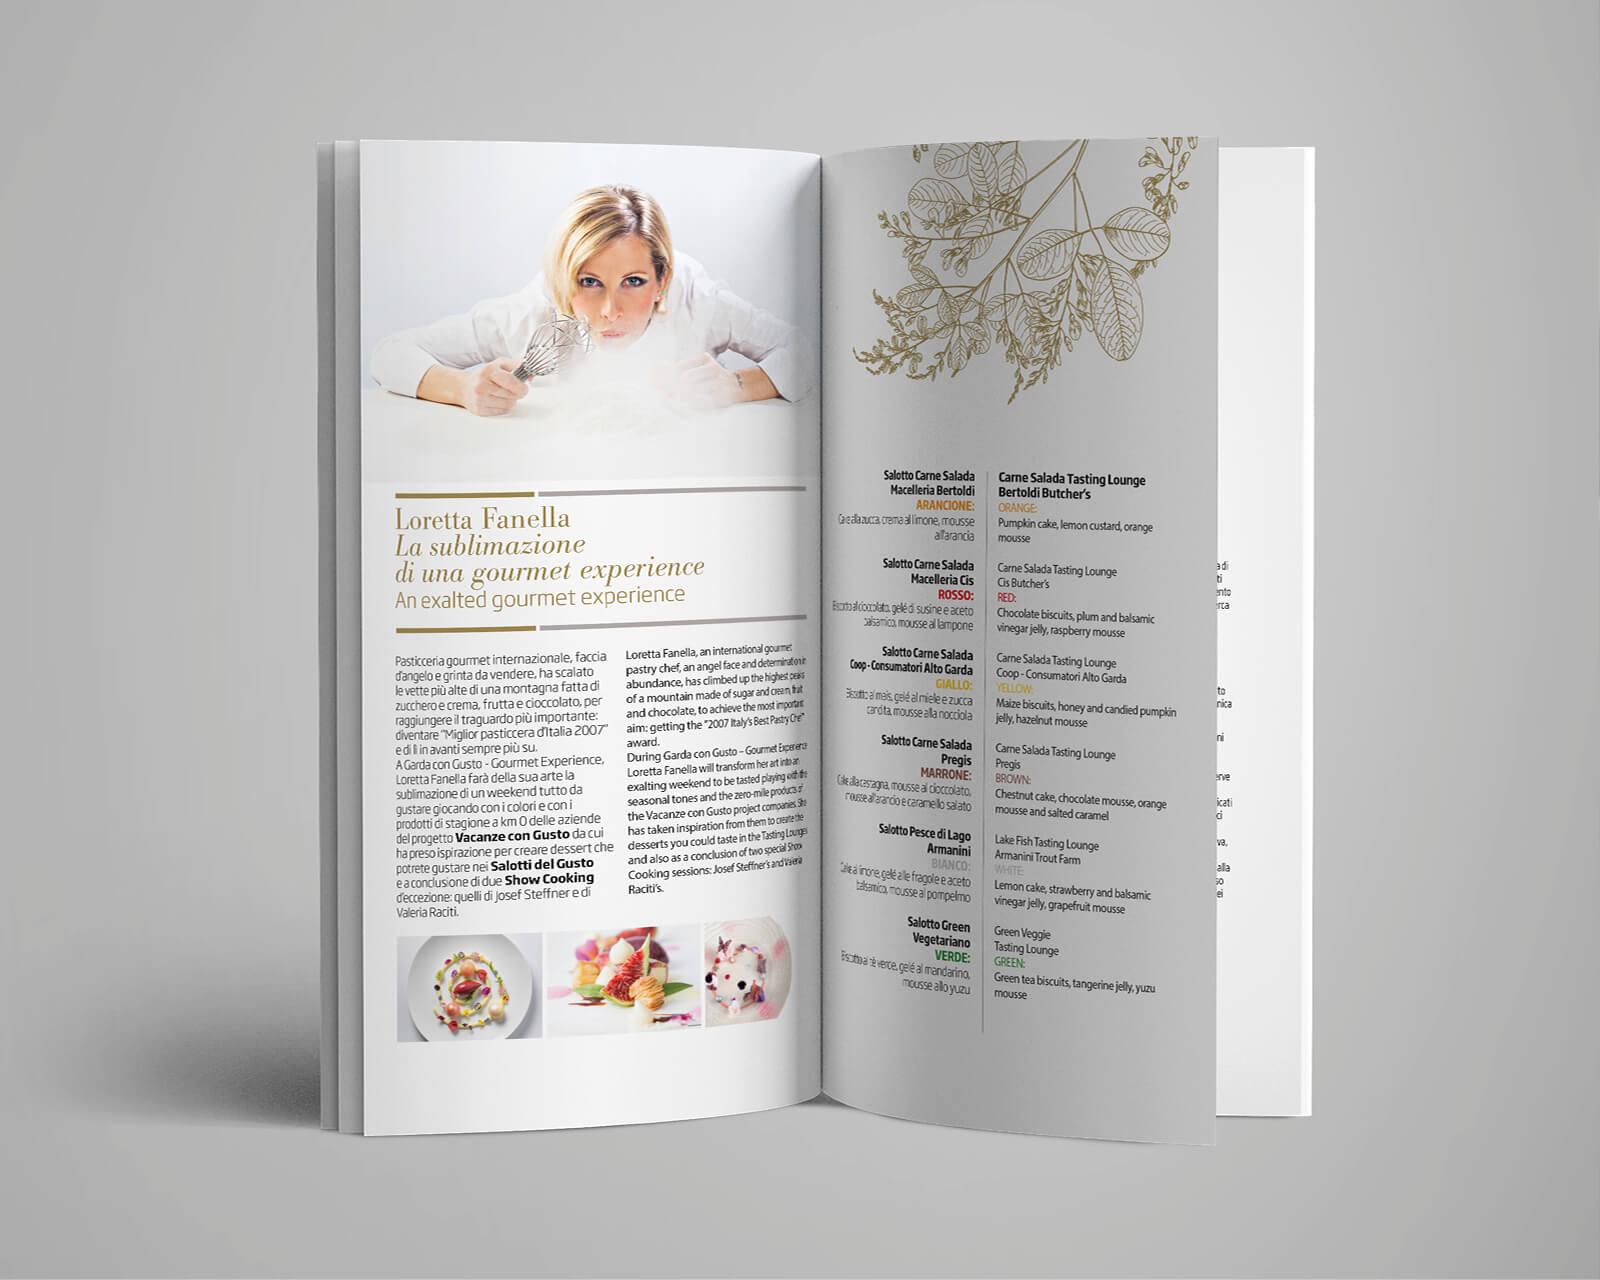 pagine interne del depliant programma garda con gusto, per promuovere gli eventi della rassegna, progetto grafico della brochure e dell'immagine coordinata a cura dello studio grafico diade arco di trento